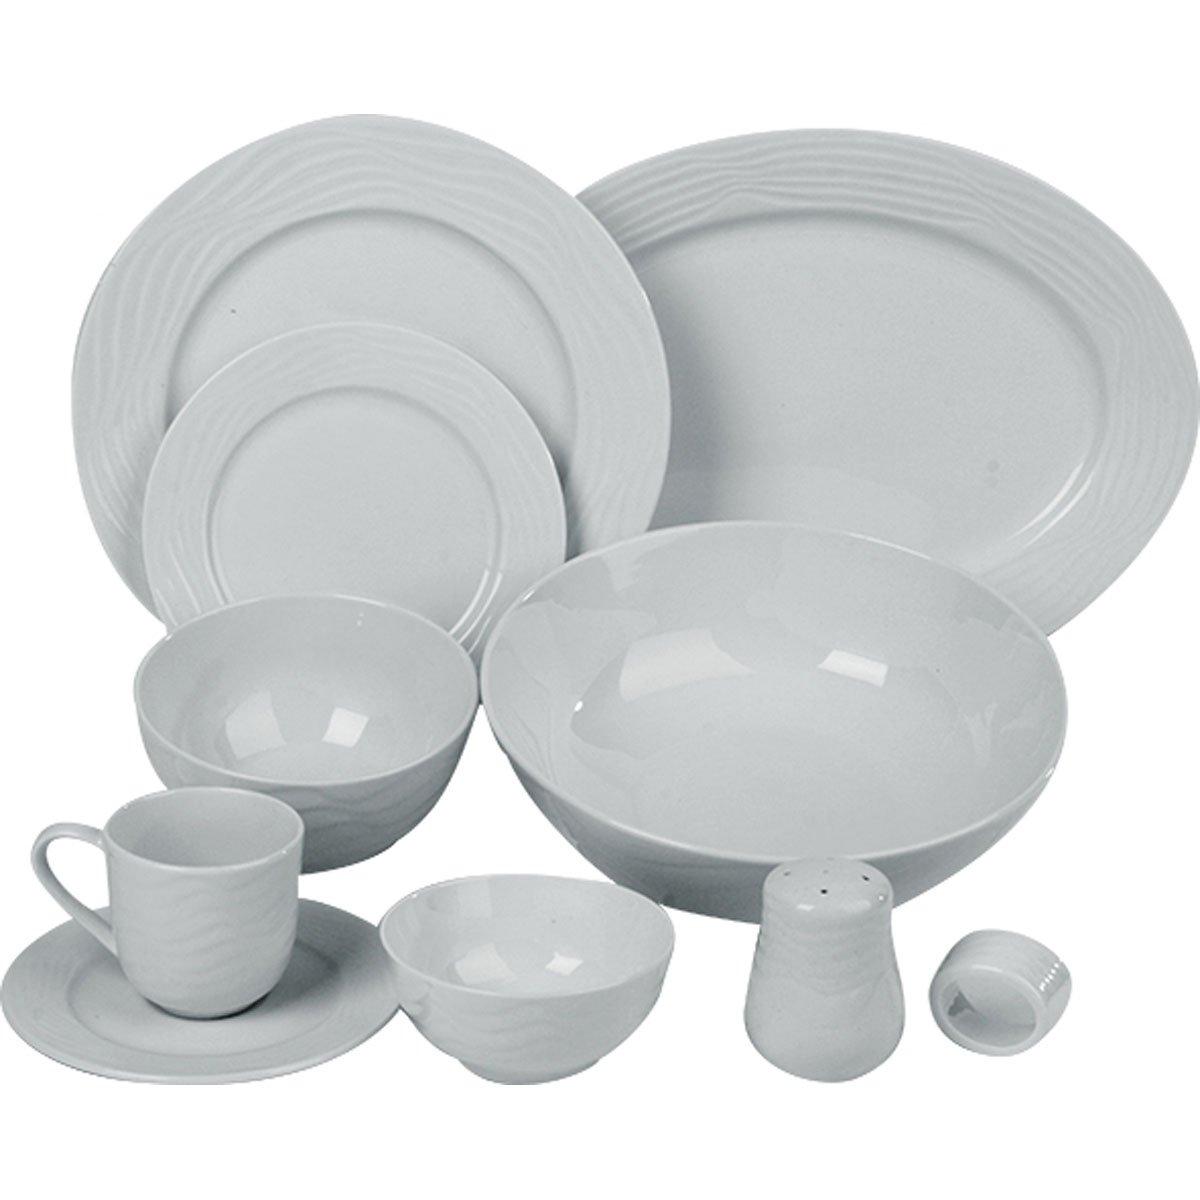 Vajilla 46 piezas ceramica blanca gibson sears com mx for Vajilla precio